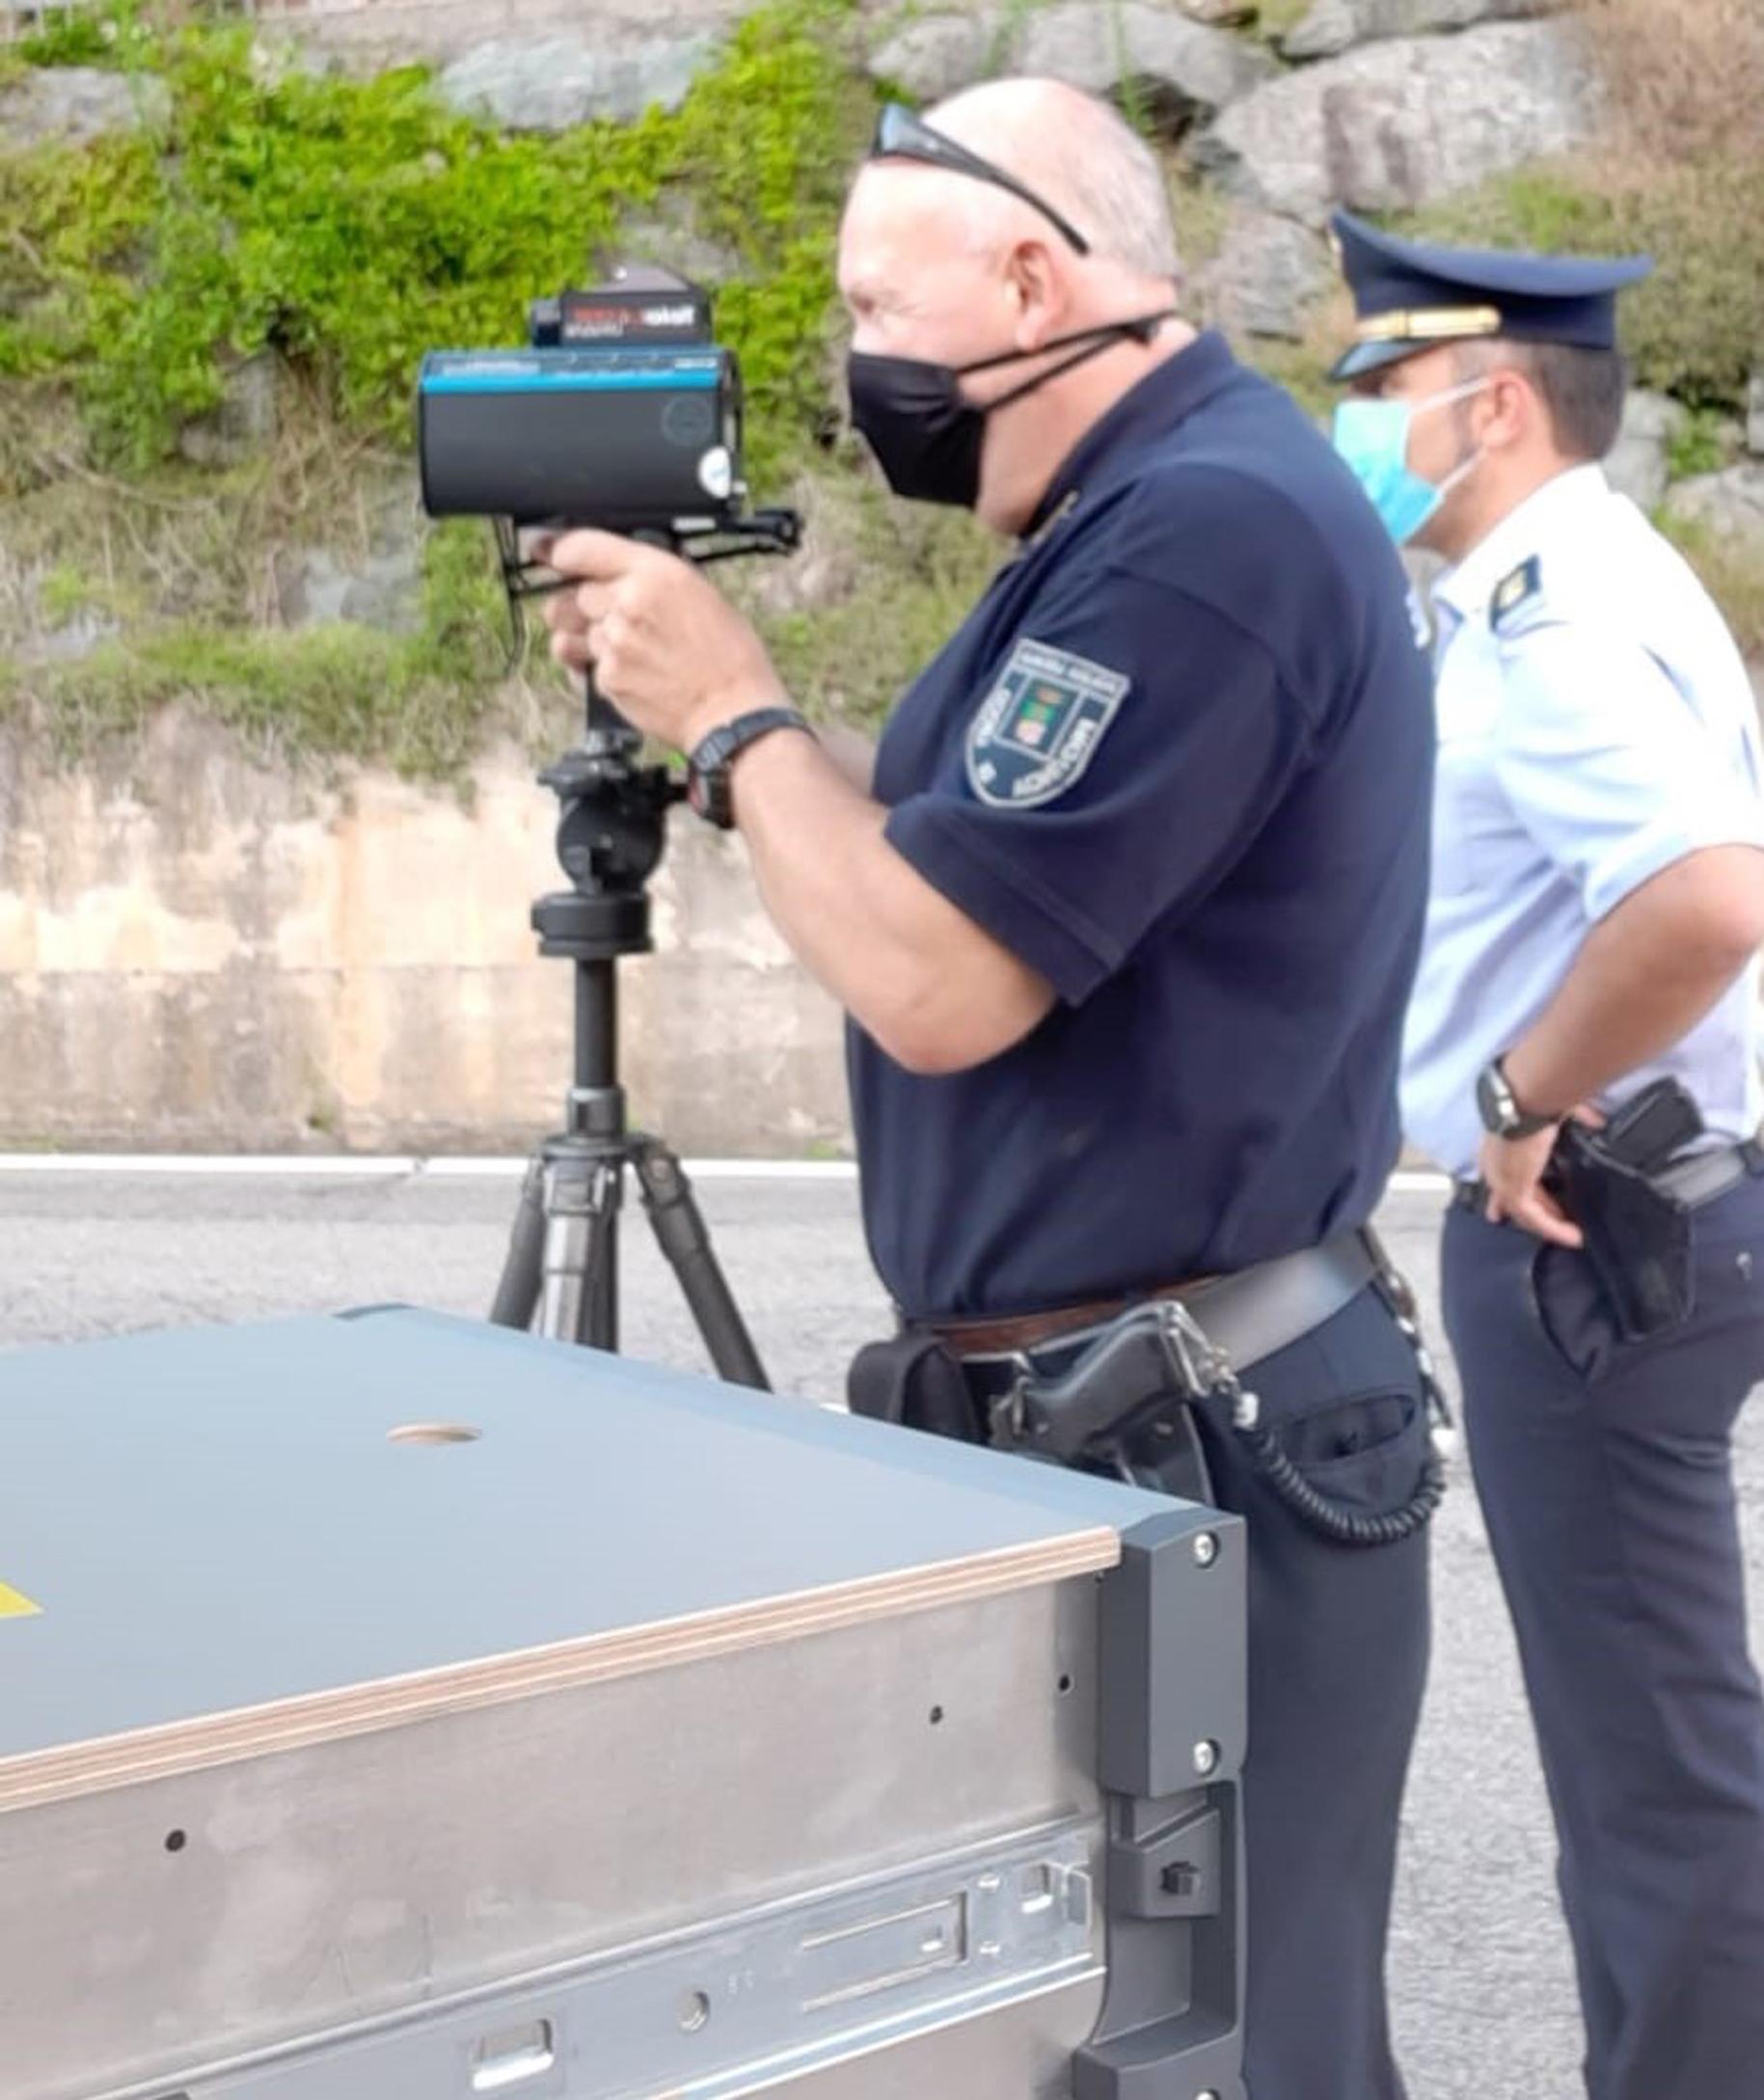 Polizia provinciale: controlli stradali